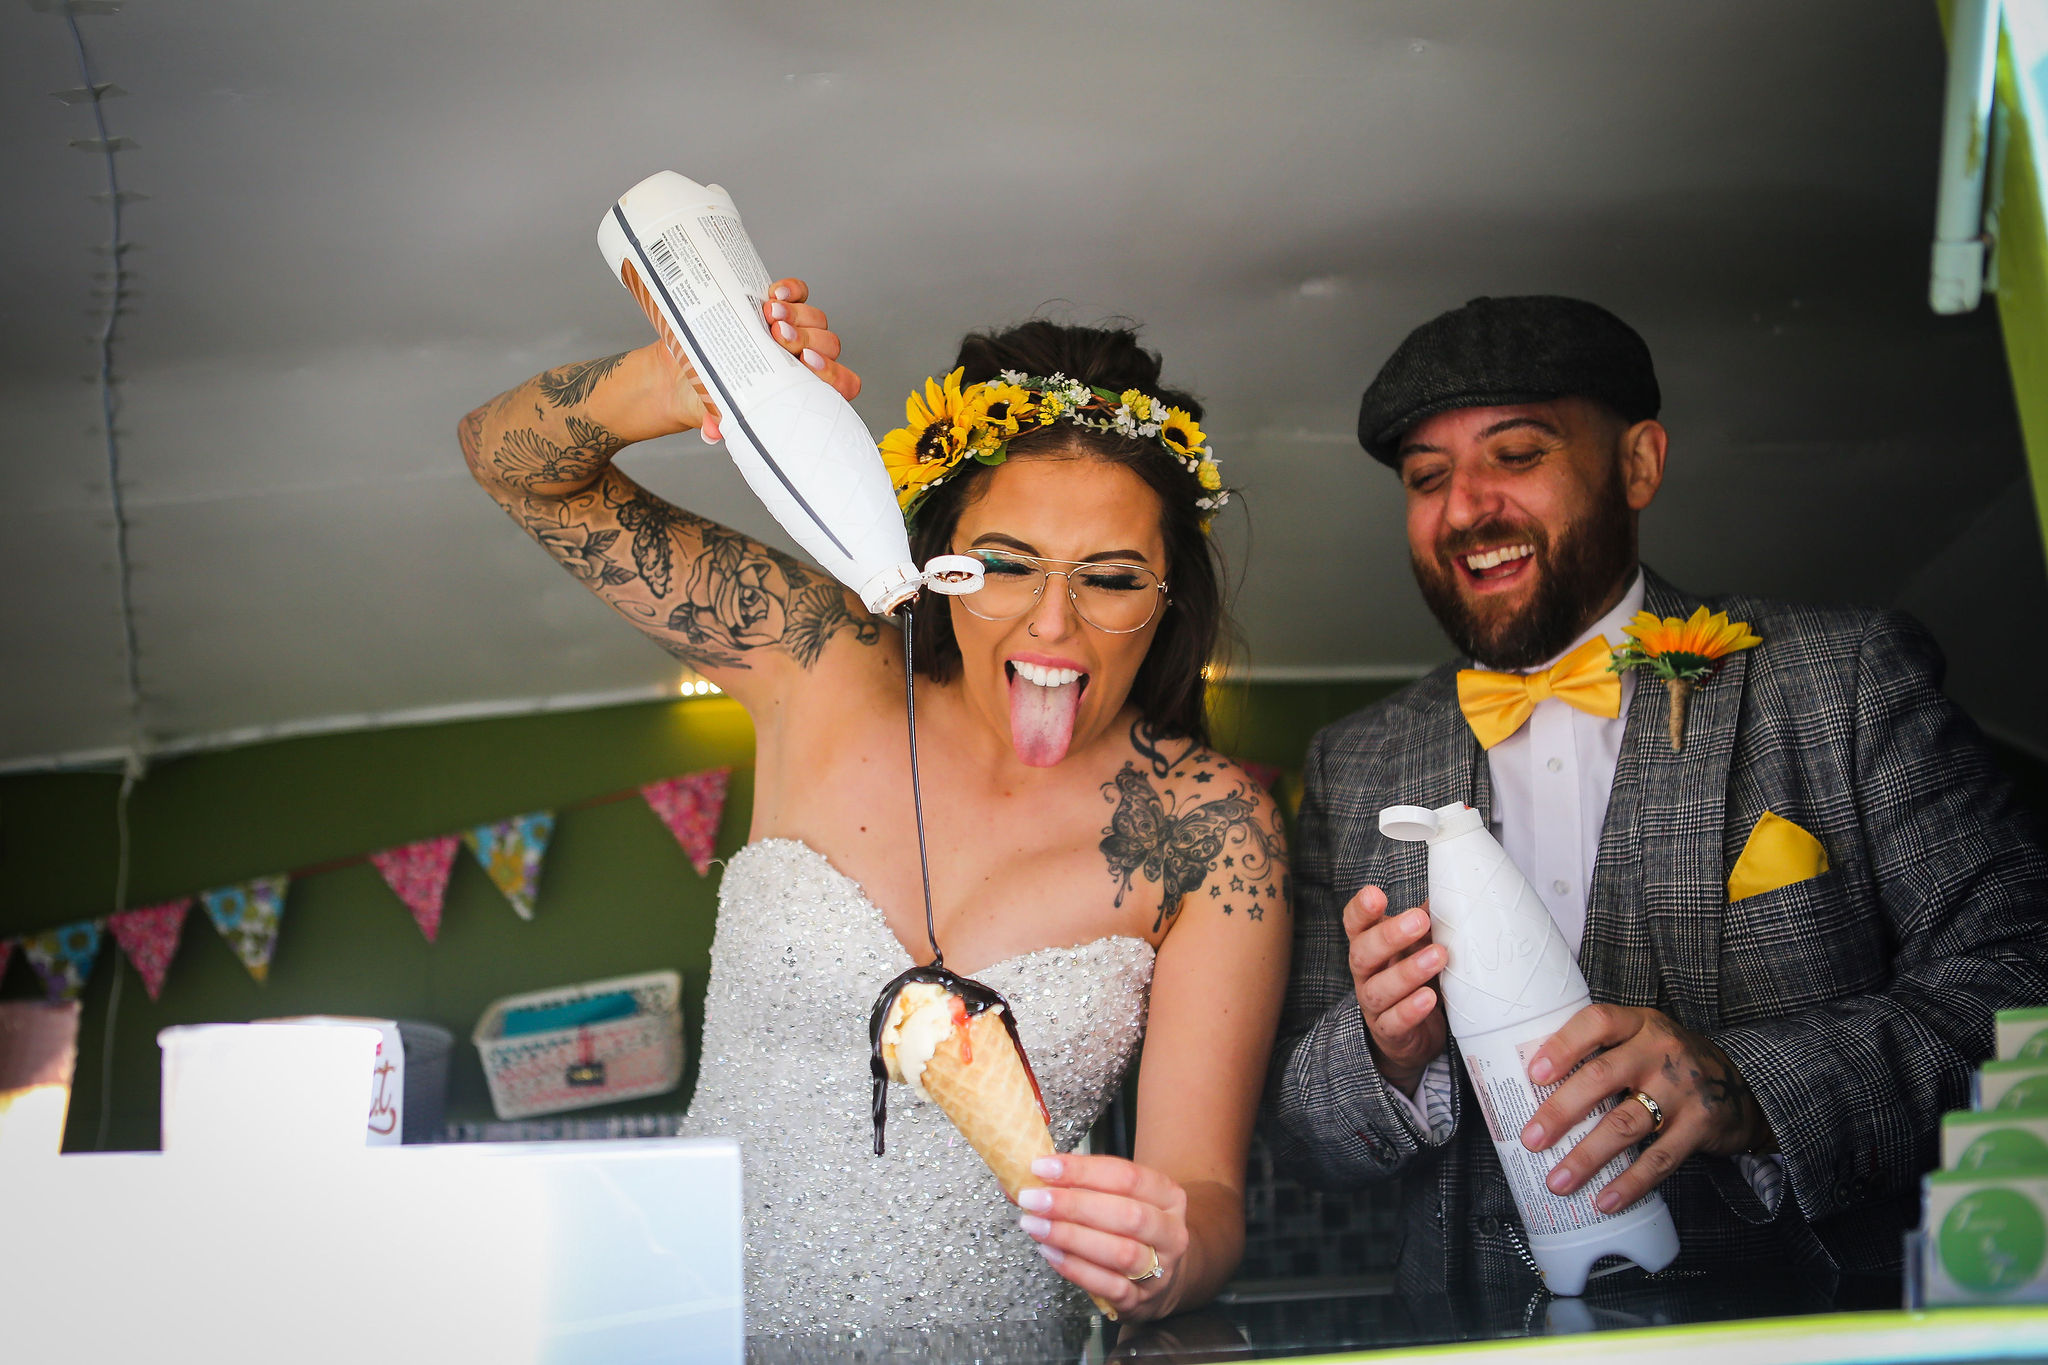 Harriet&Rhys Wedding - Magical sunflower wedding - quirky wedding with ice cream van - bride and groom in ice cream van